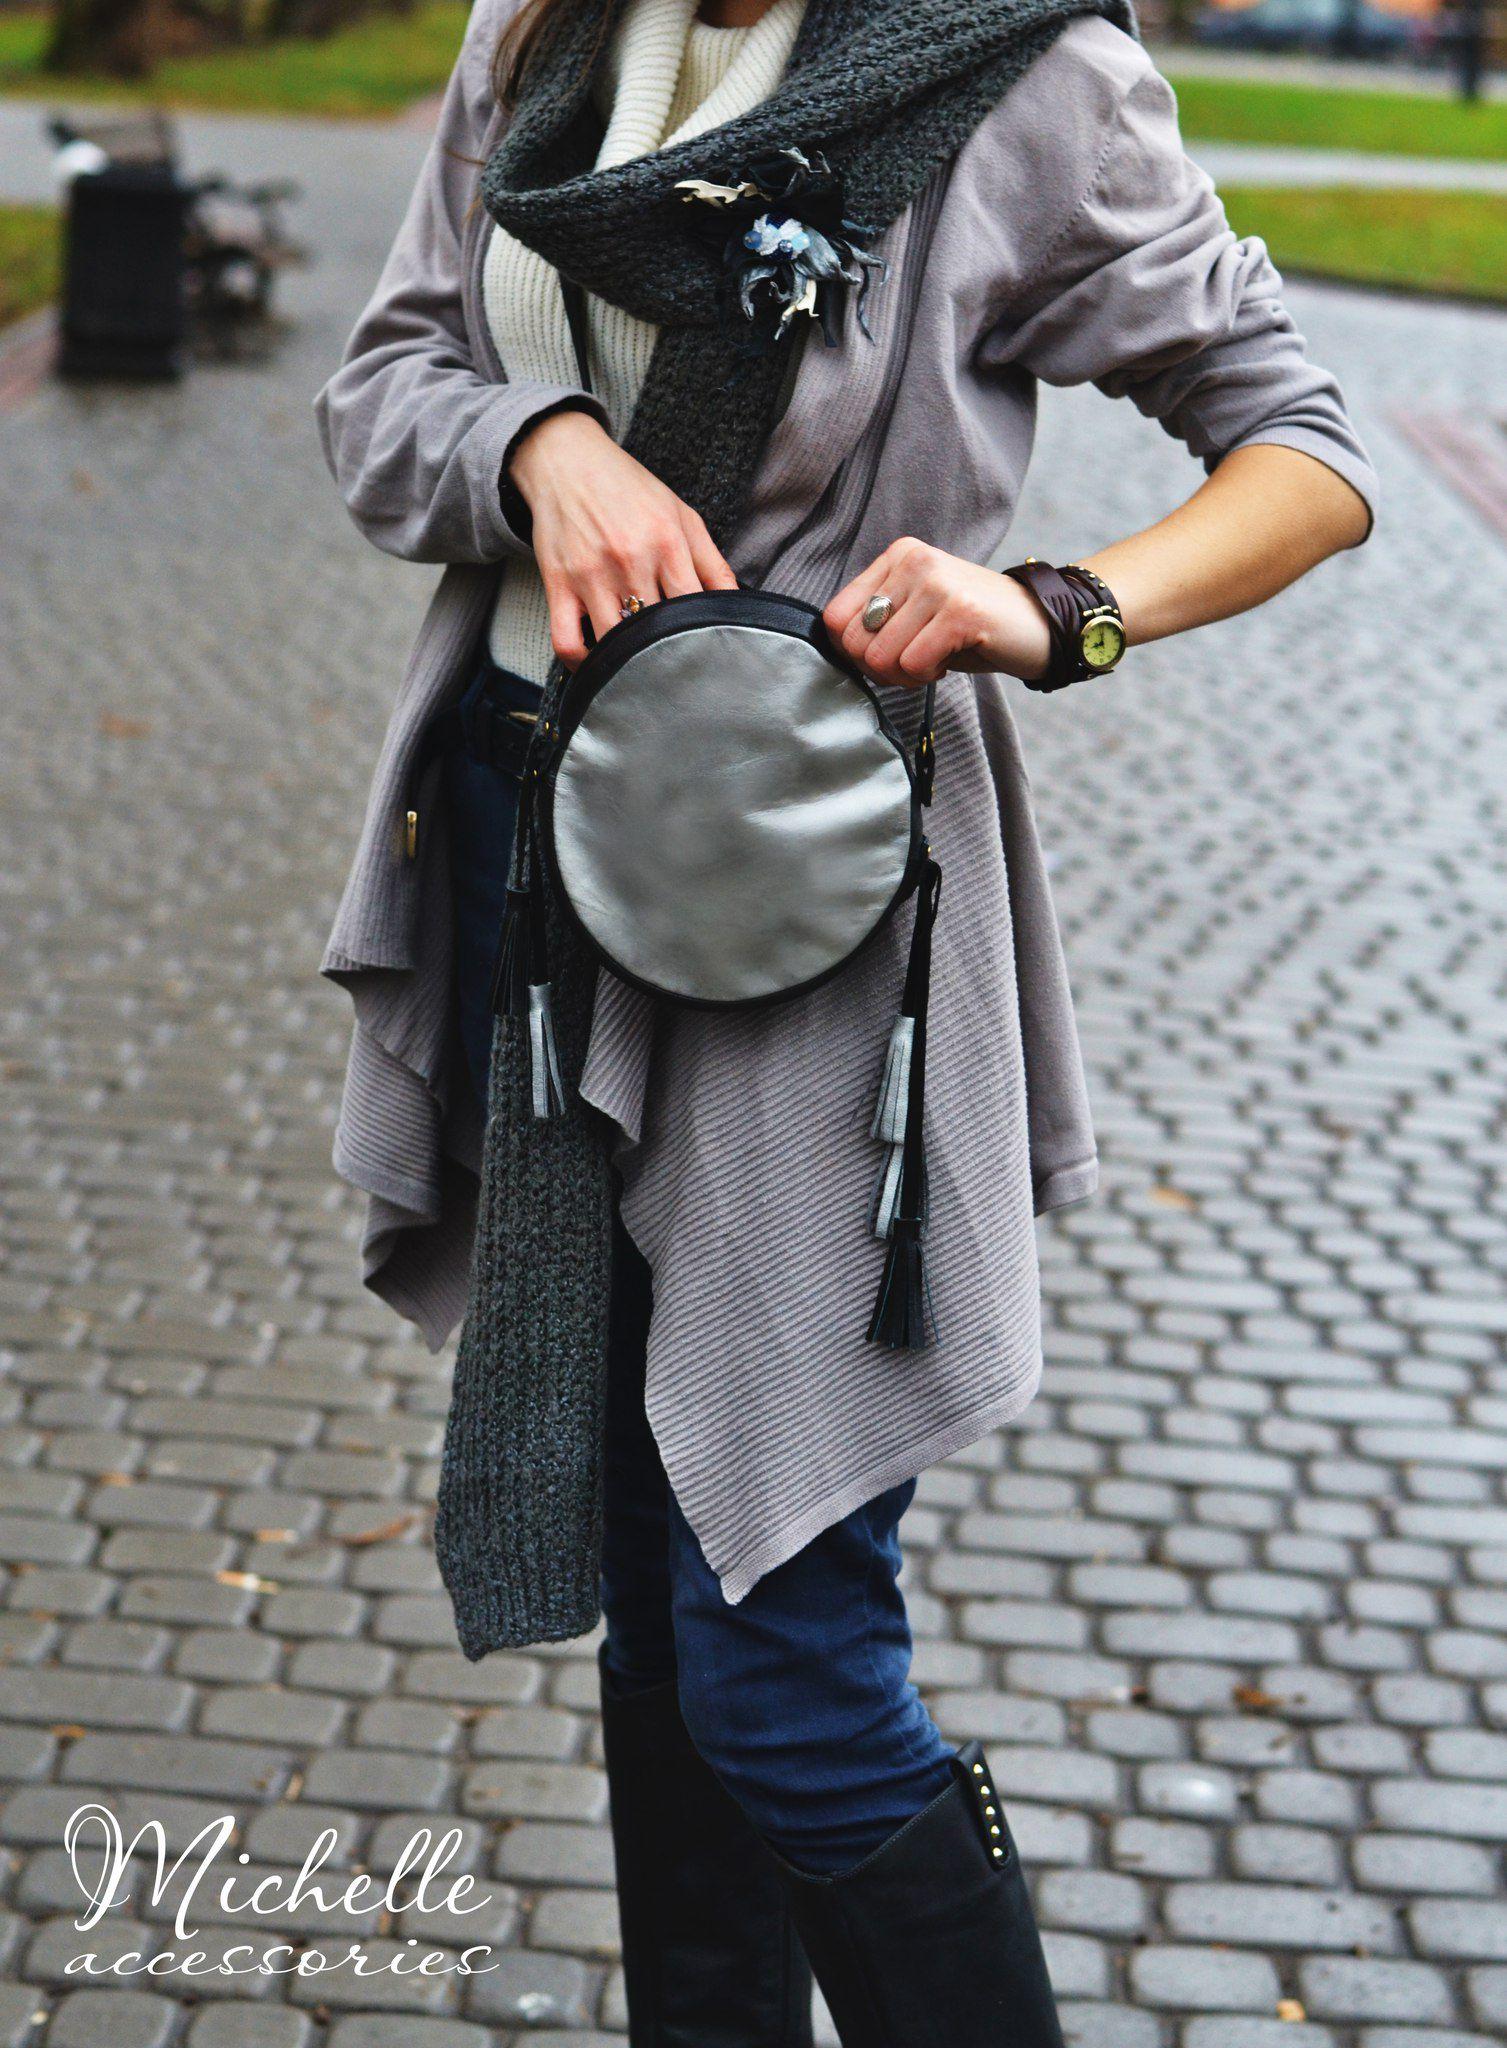 купитьсумку круглая бохостиль кожаная купитьподарок кожанаясумка принт сумка ручная авторская текстиль купить женская бохо кожа подарок